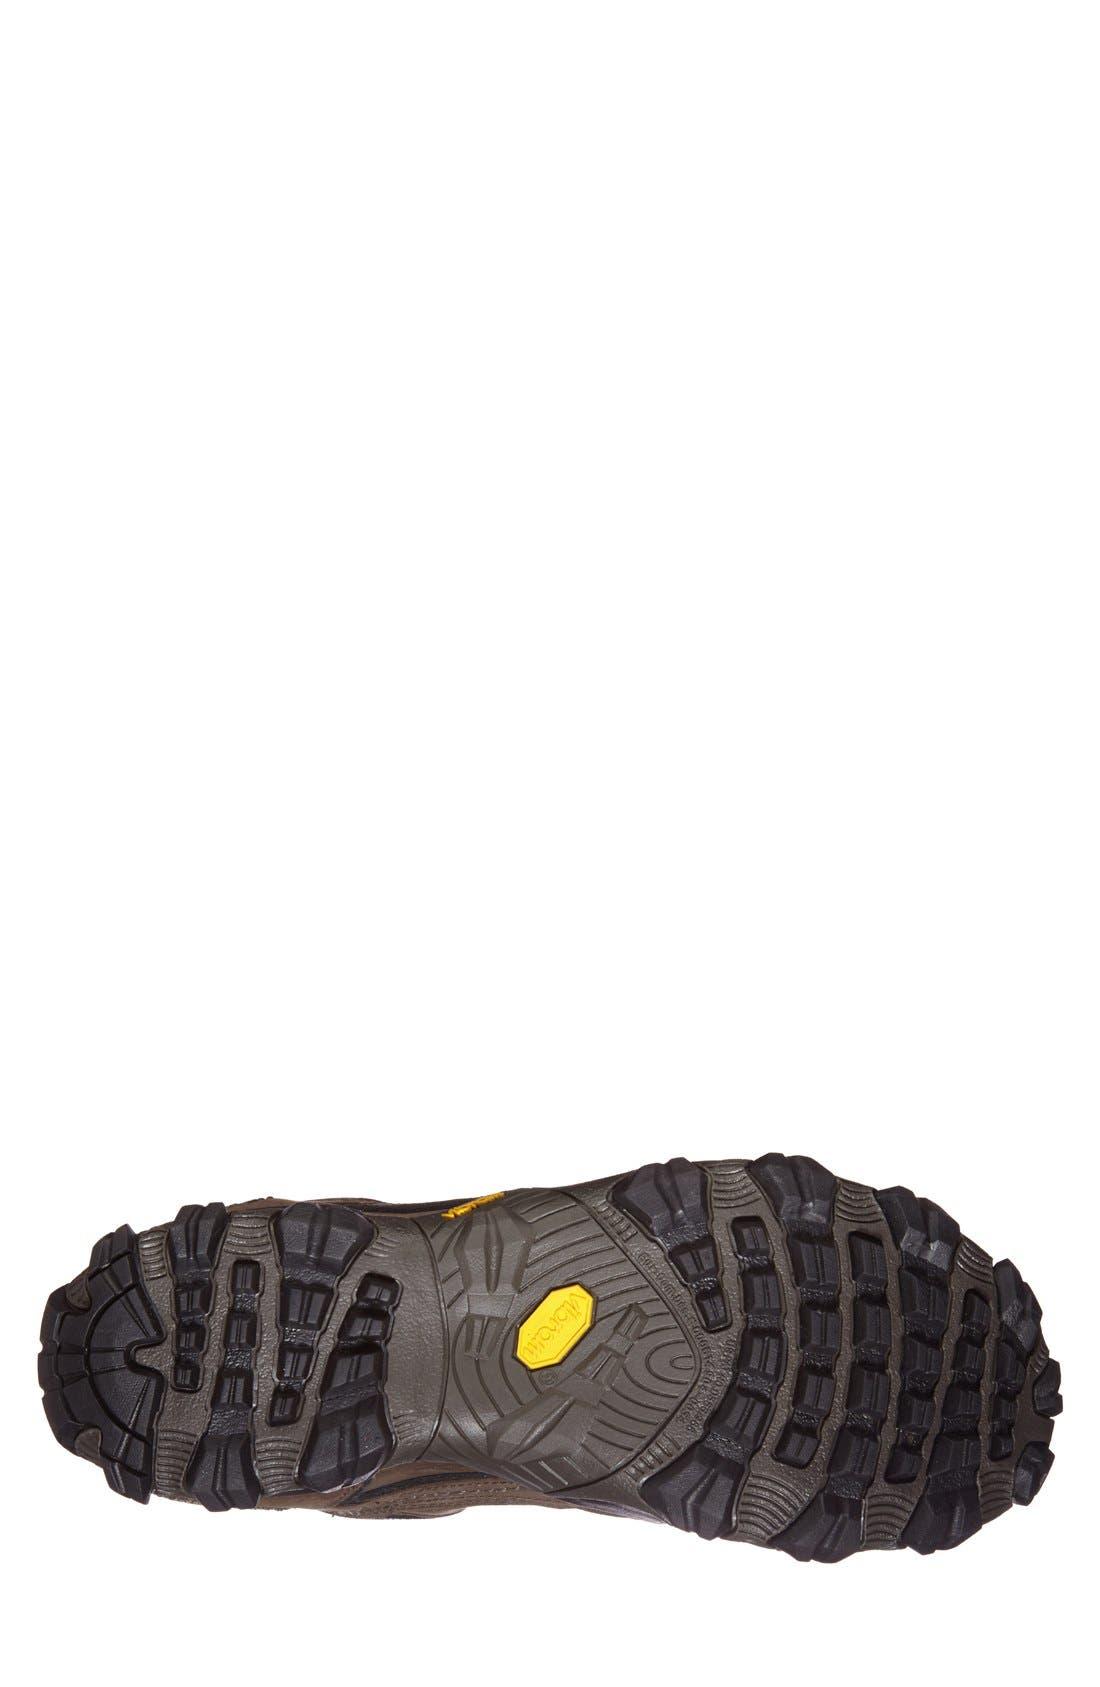 Alternate Image 4  - Patagonia 'Drifter A/C' Waterproof Hiking Shoe (Men)